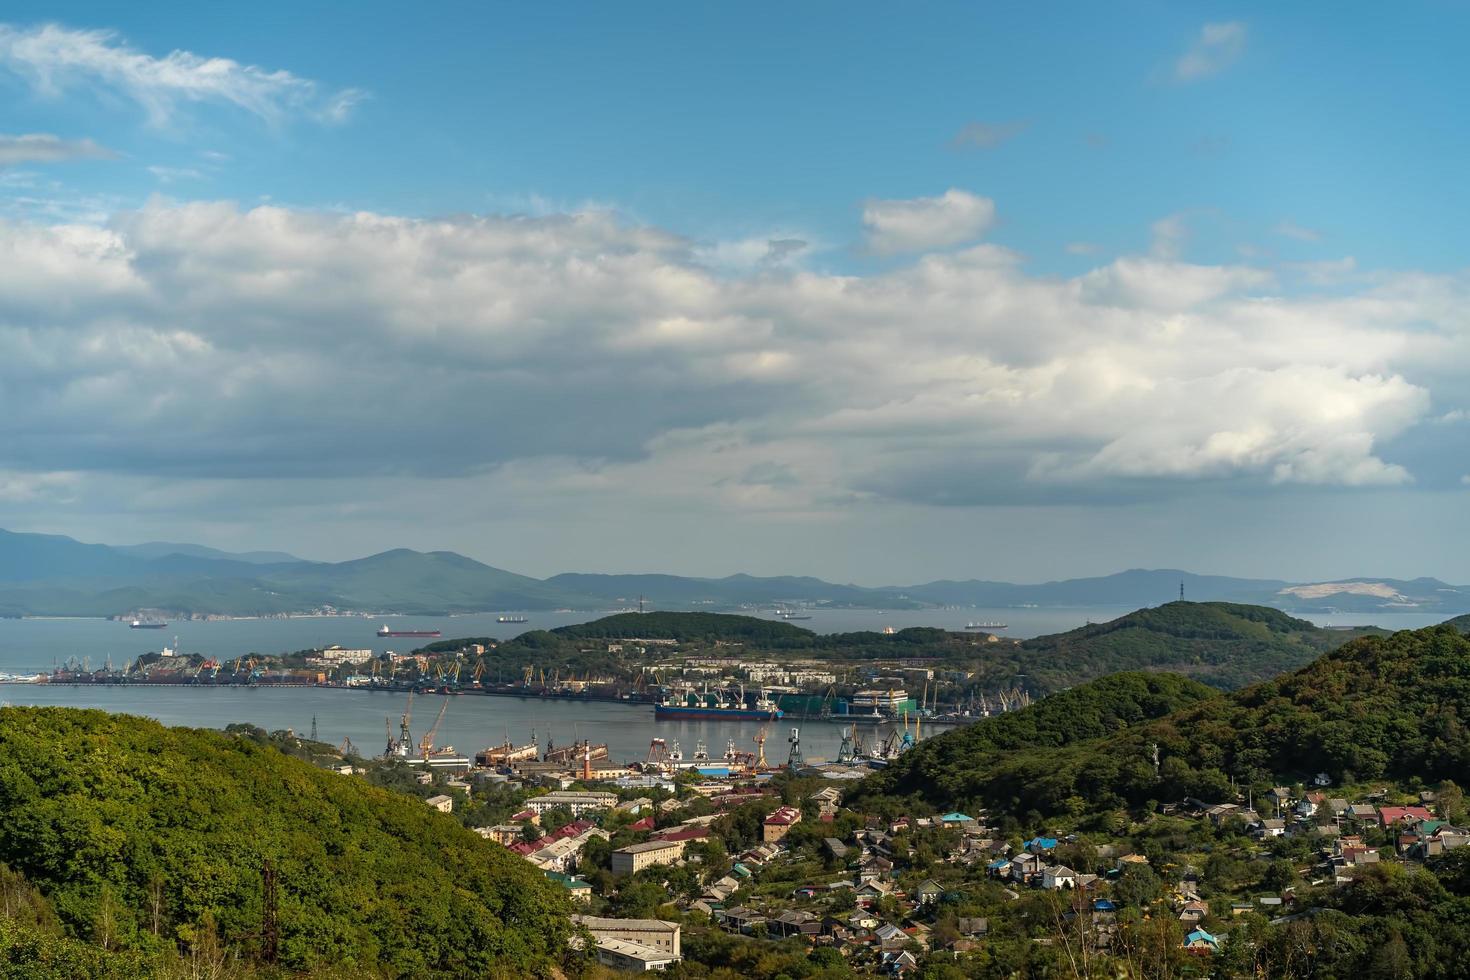 paesaggio urbano con vista sulla città e sulla baia di nakhodka foto